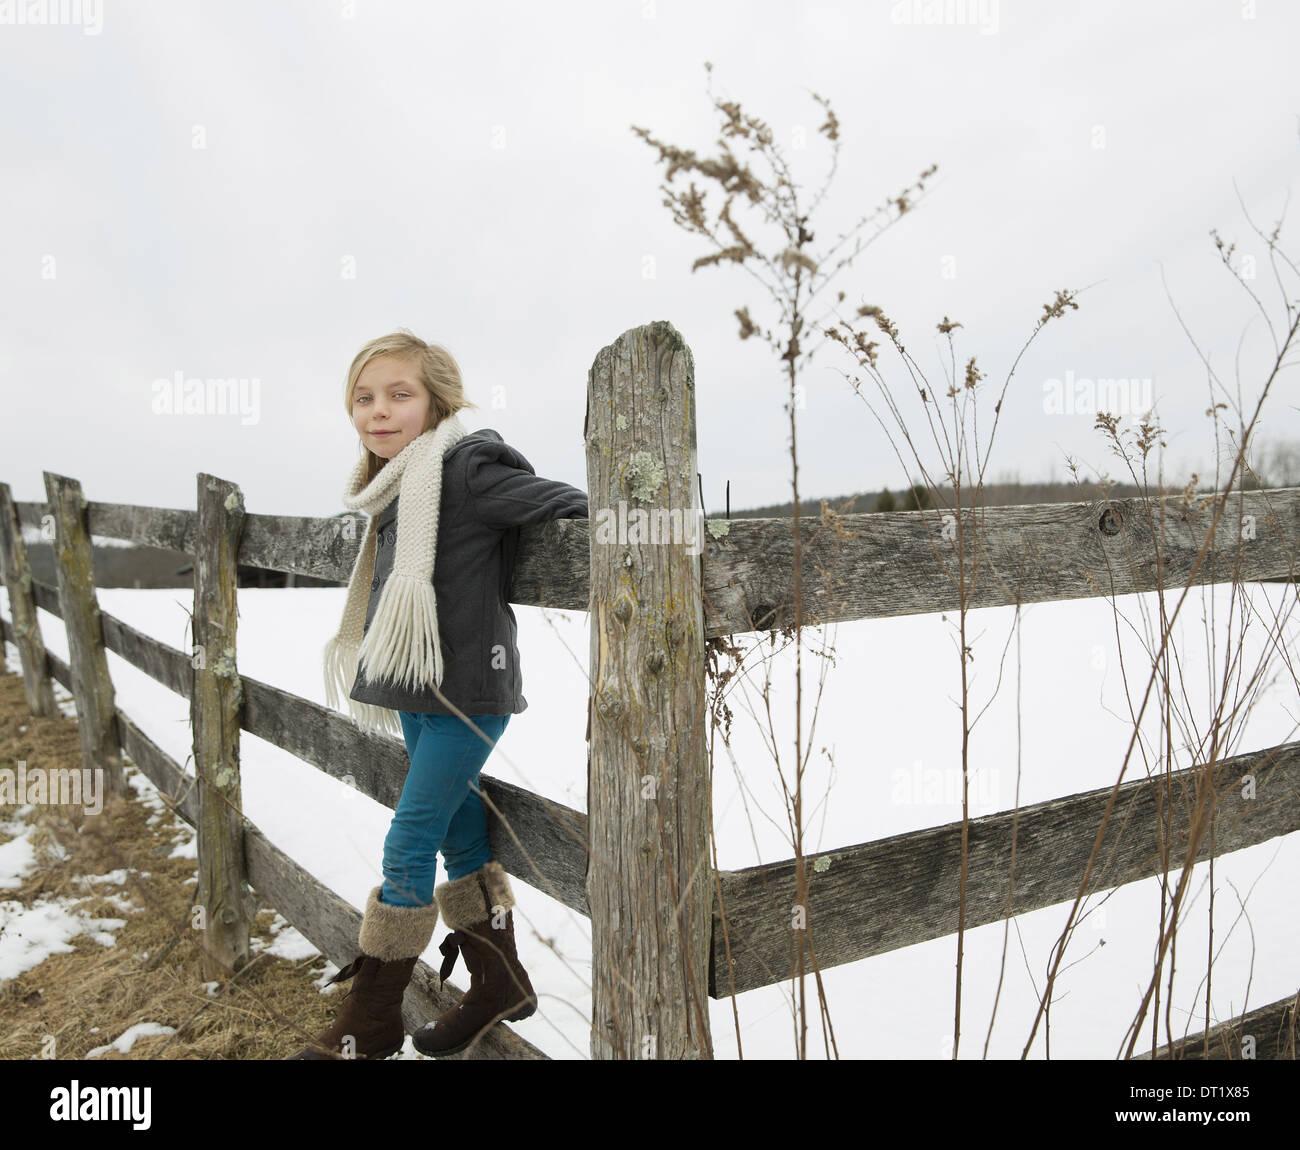 Un agriturismo nella neve una ragazza con un cappello e una sciarpa e stivali appoggiato su di una recinzione Immagini Stock